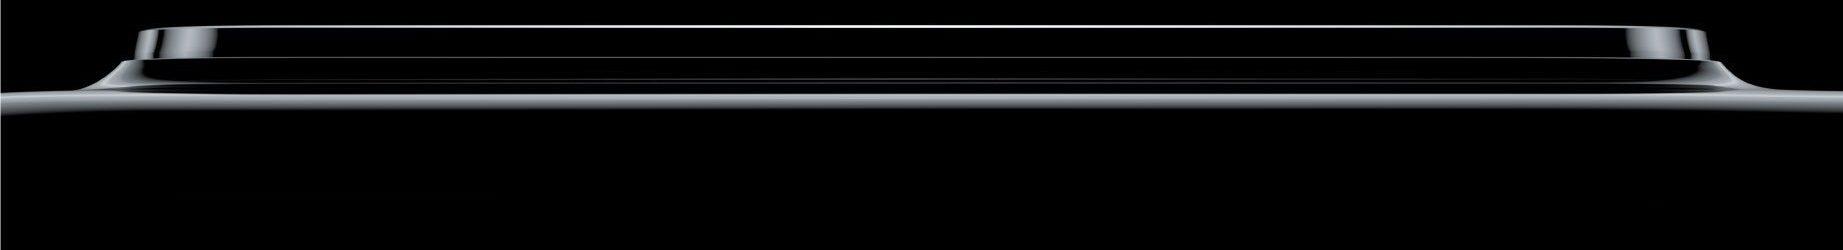 Huawei P40 Series: ecco dove seguire la presentazione in live streaming